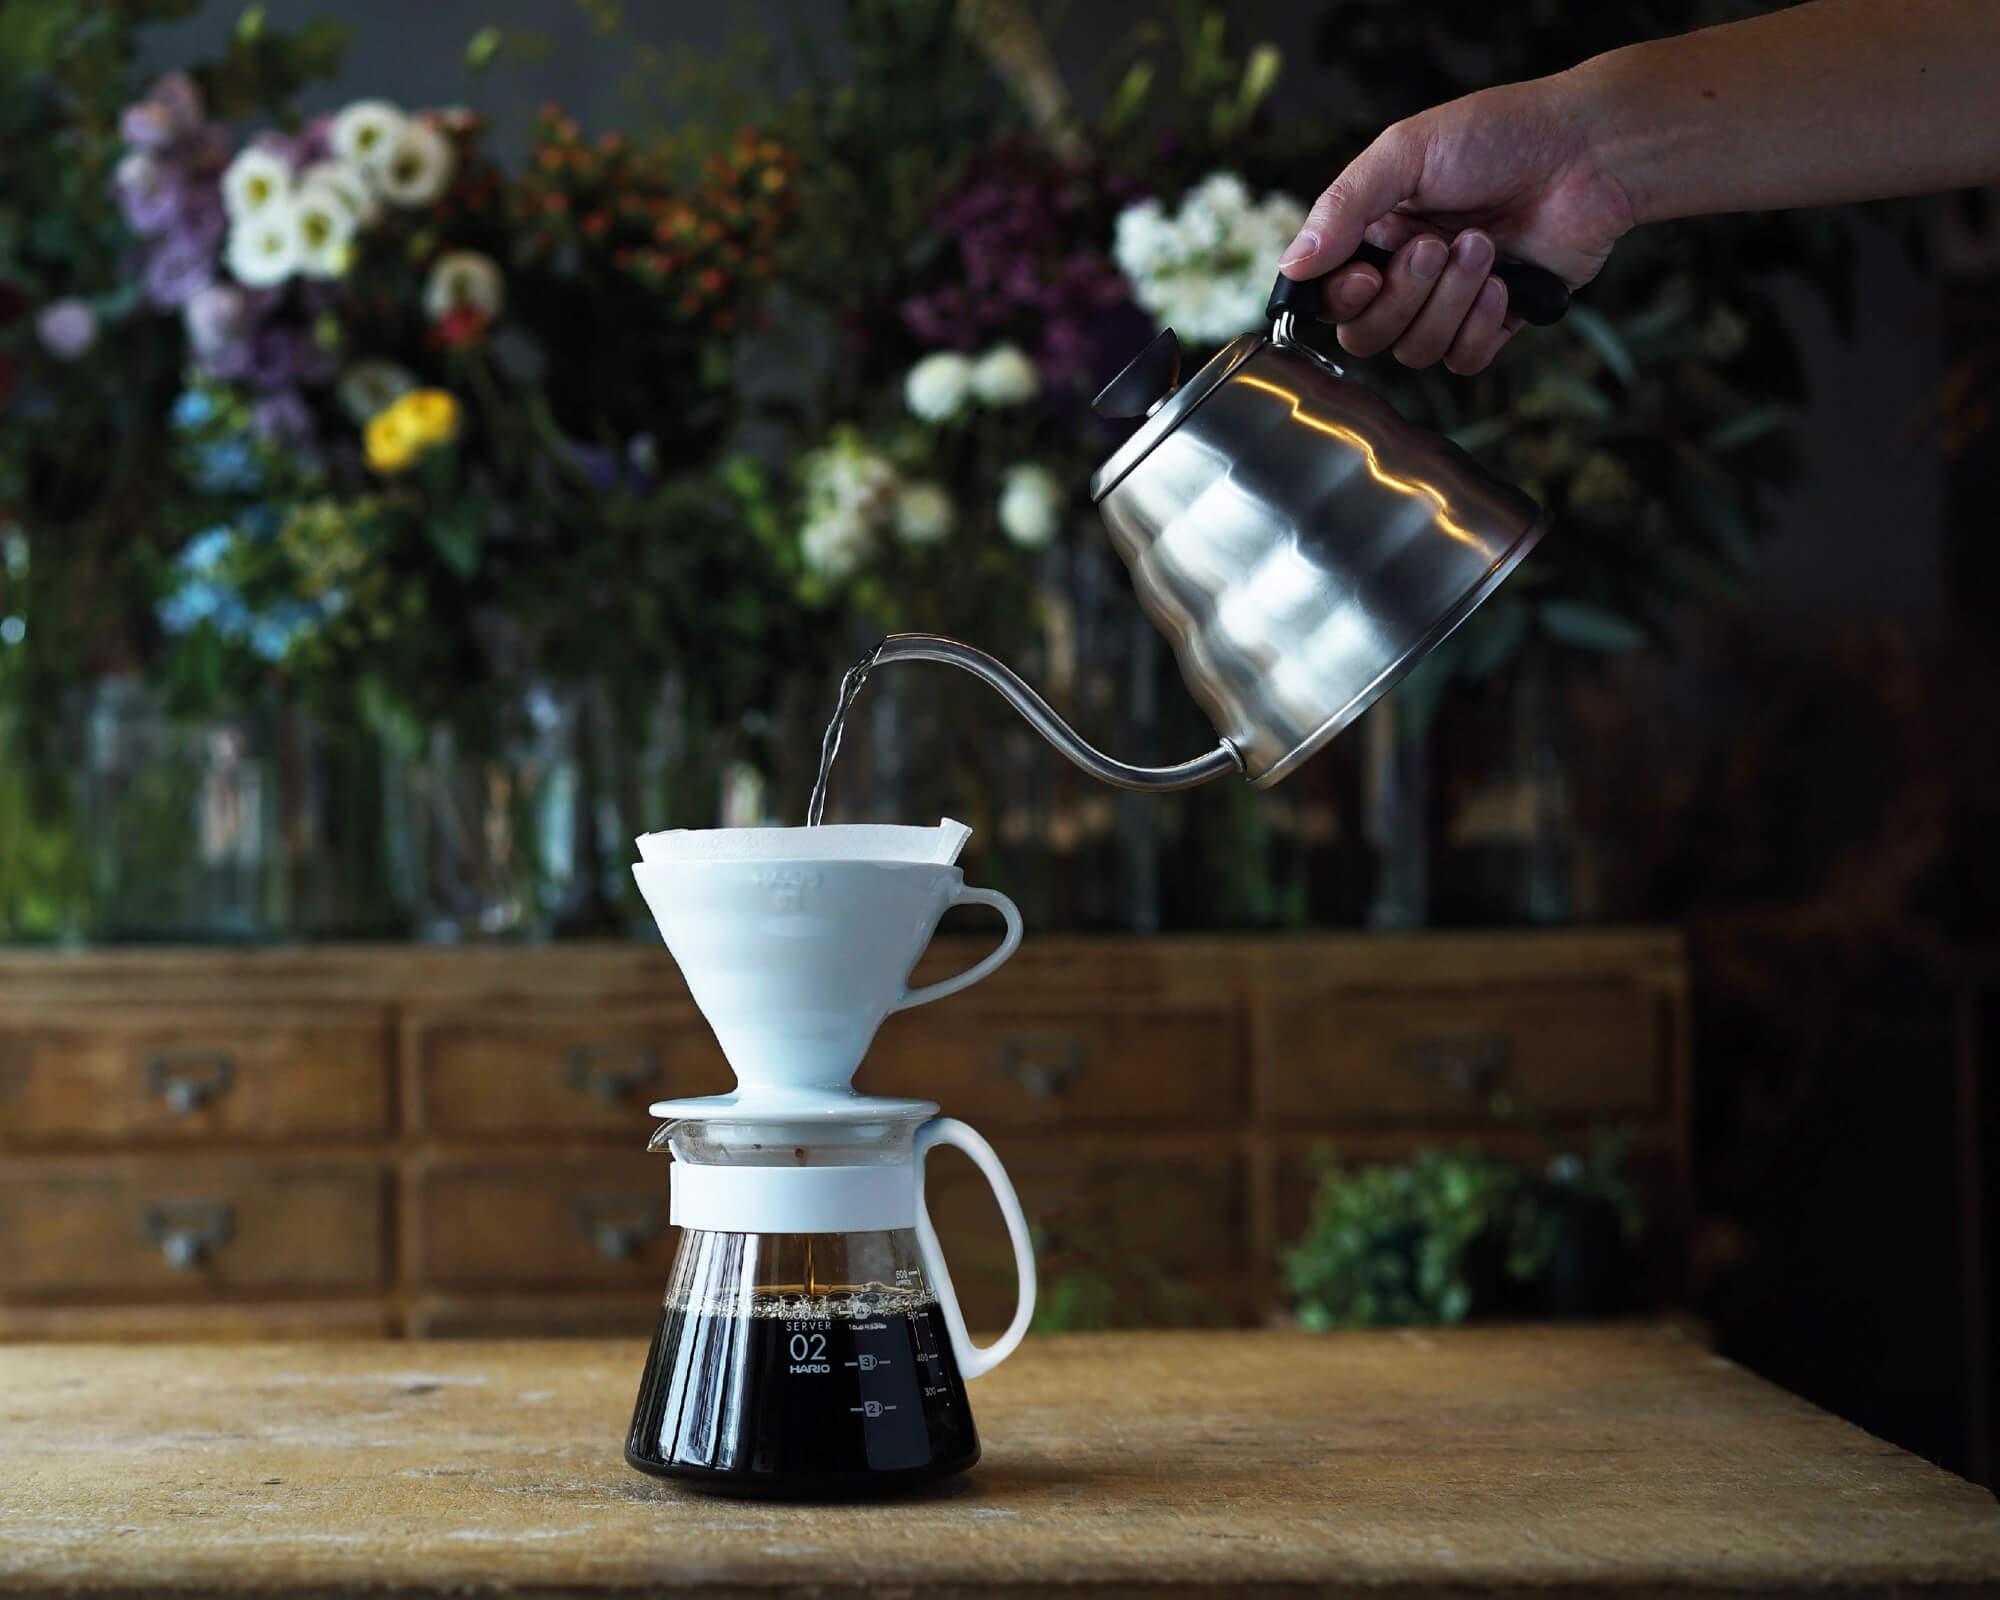 Filtres en papier naturel pour cafetière V60-02 de Hario I Café Michel